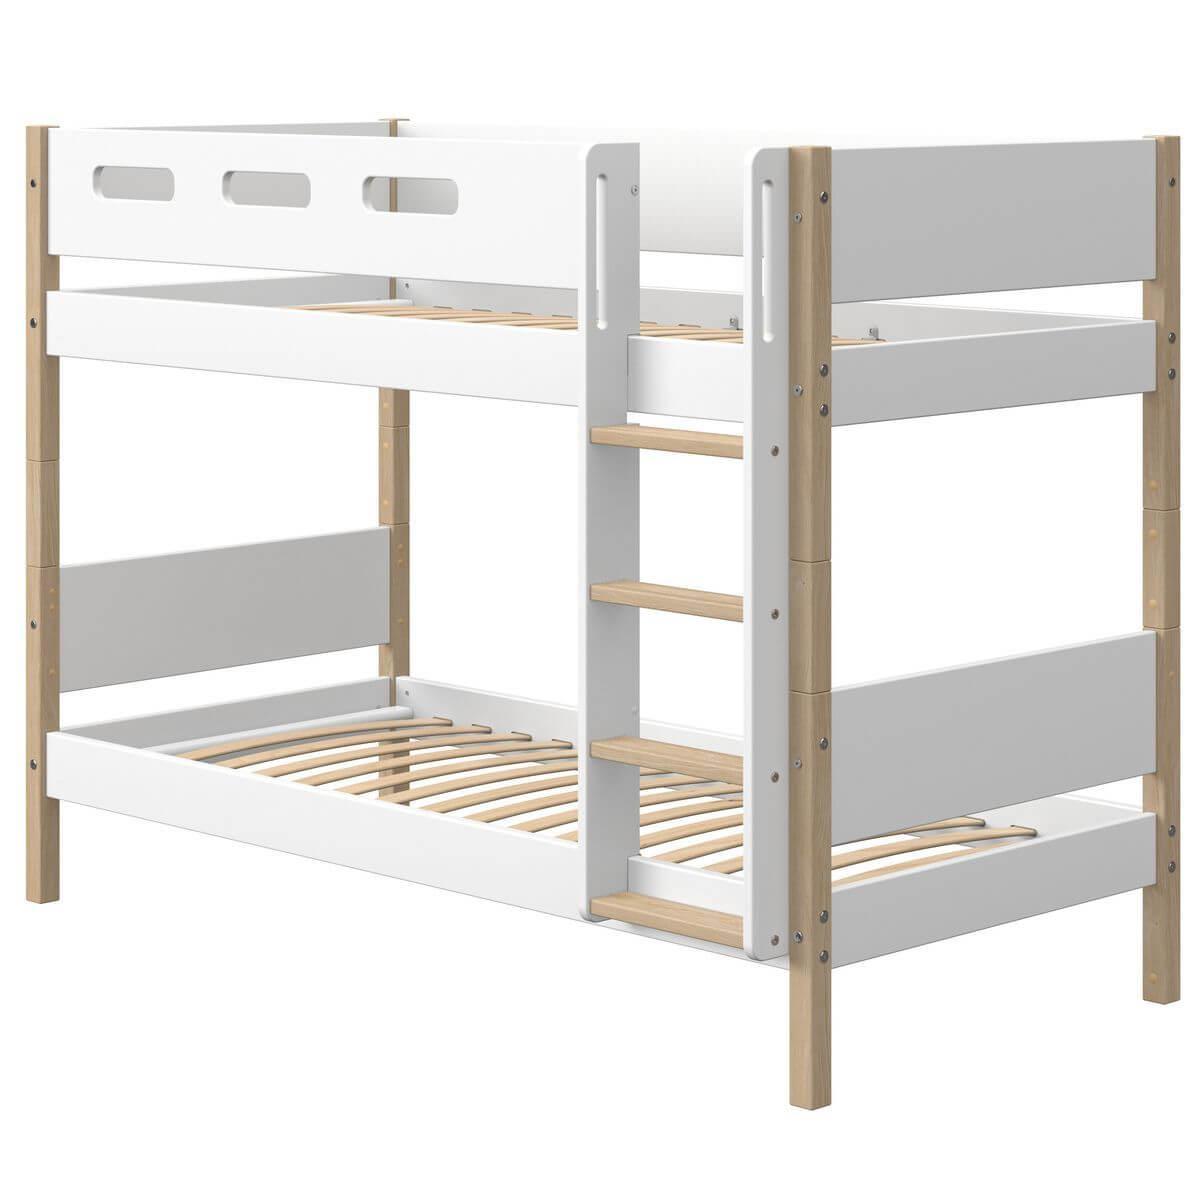 Etagenbett mitwachsend 90x200cm NOR Flexa Eiche-weiß